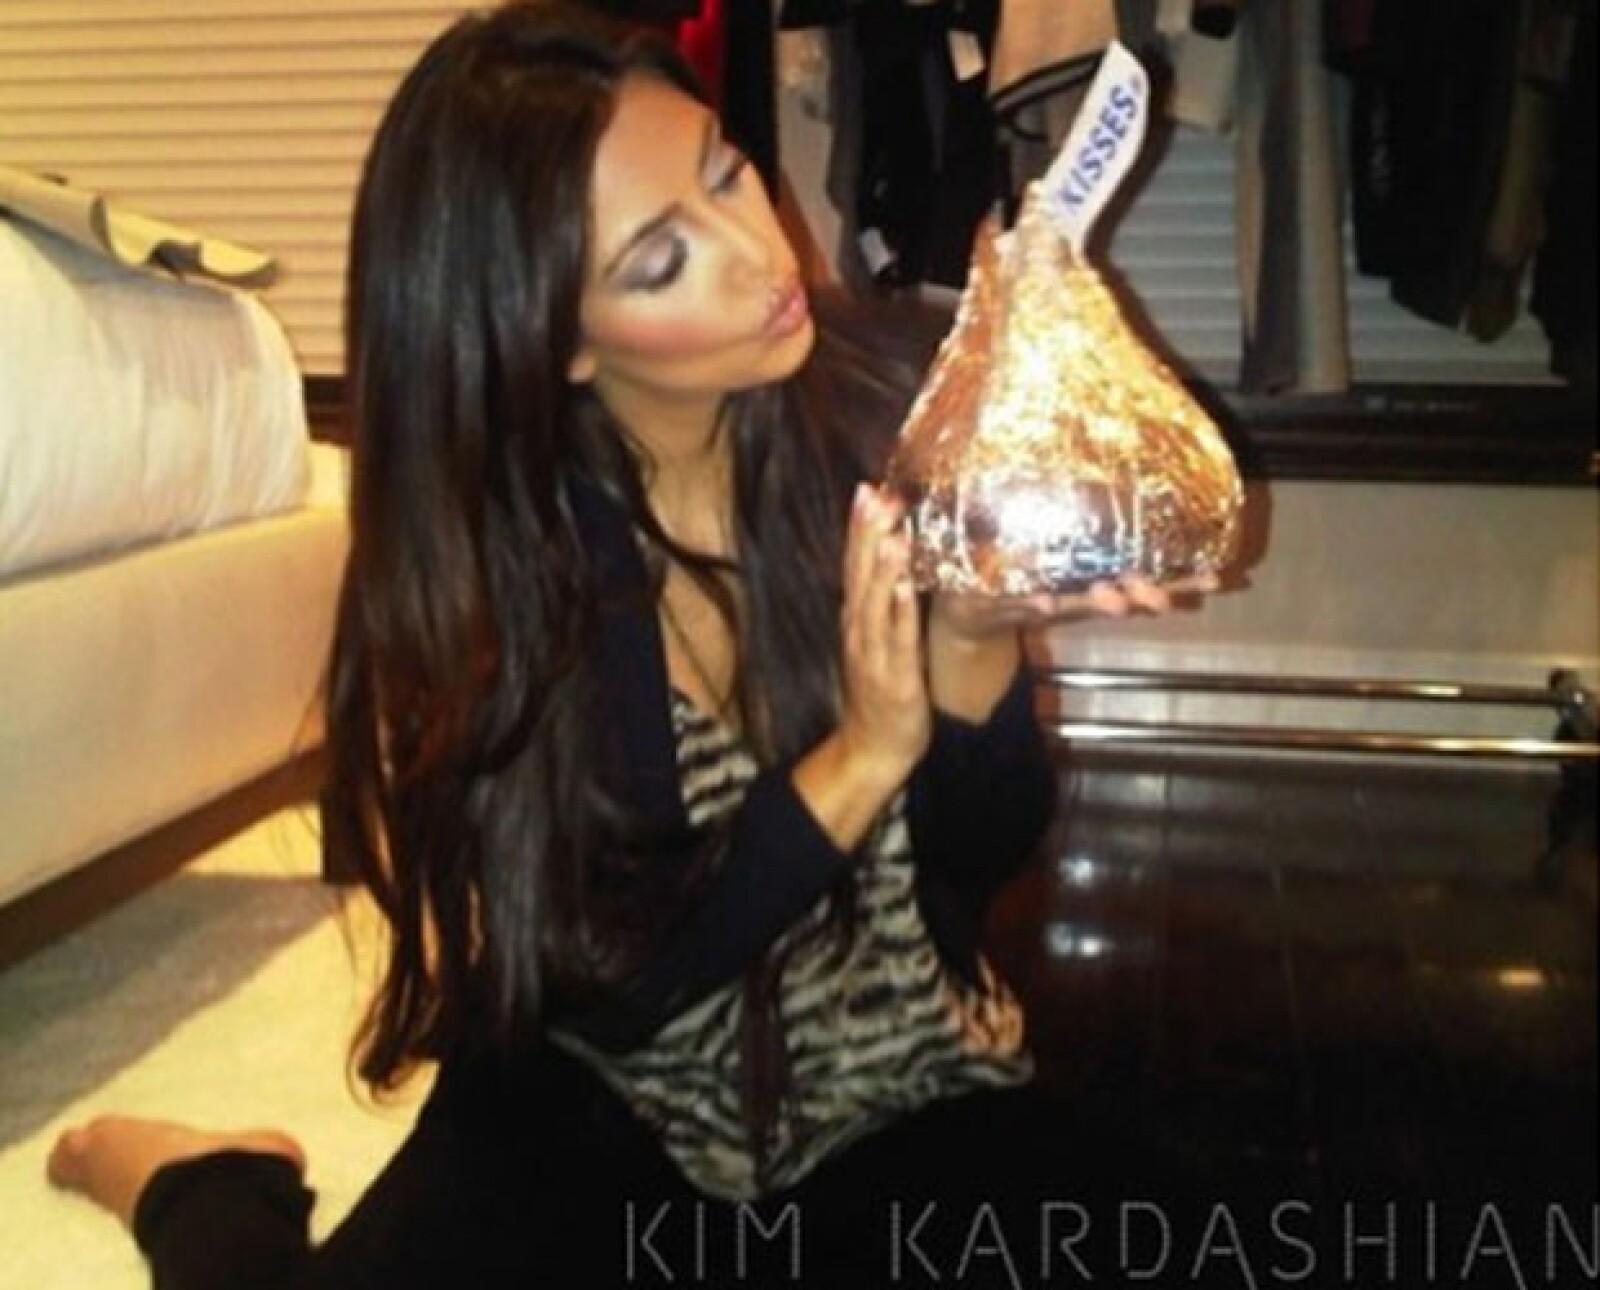 Kim Kardashian compartió un álbum de fotos como regalo de San Valentín para todos sus fans en el mundo, en el que aparece mandando besos a sus seguidores.